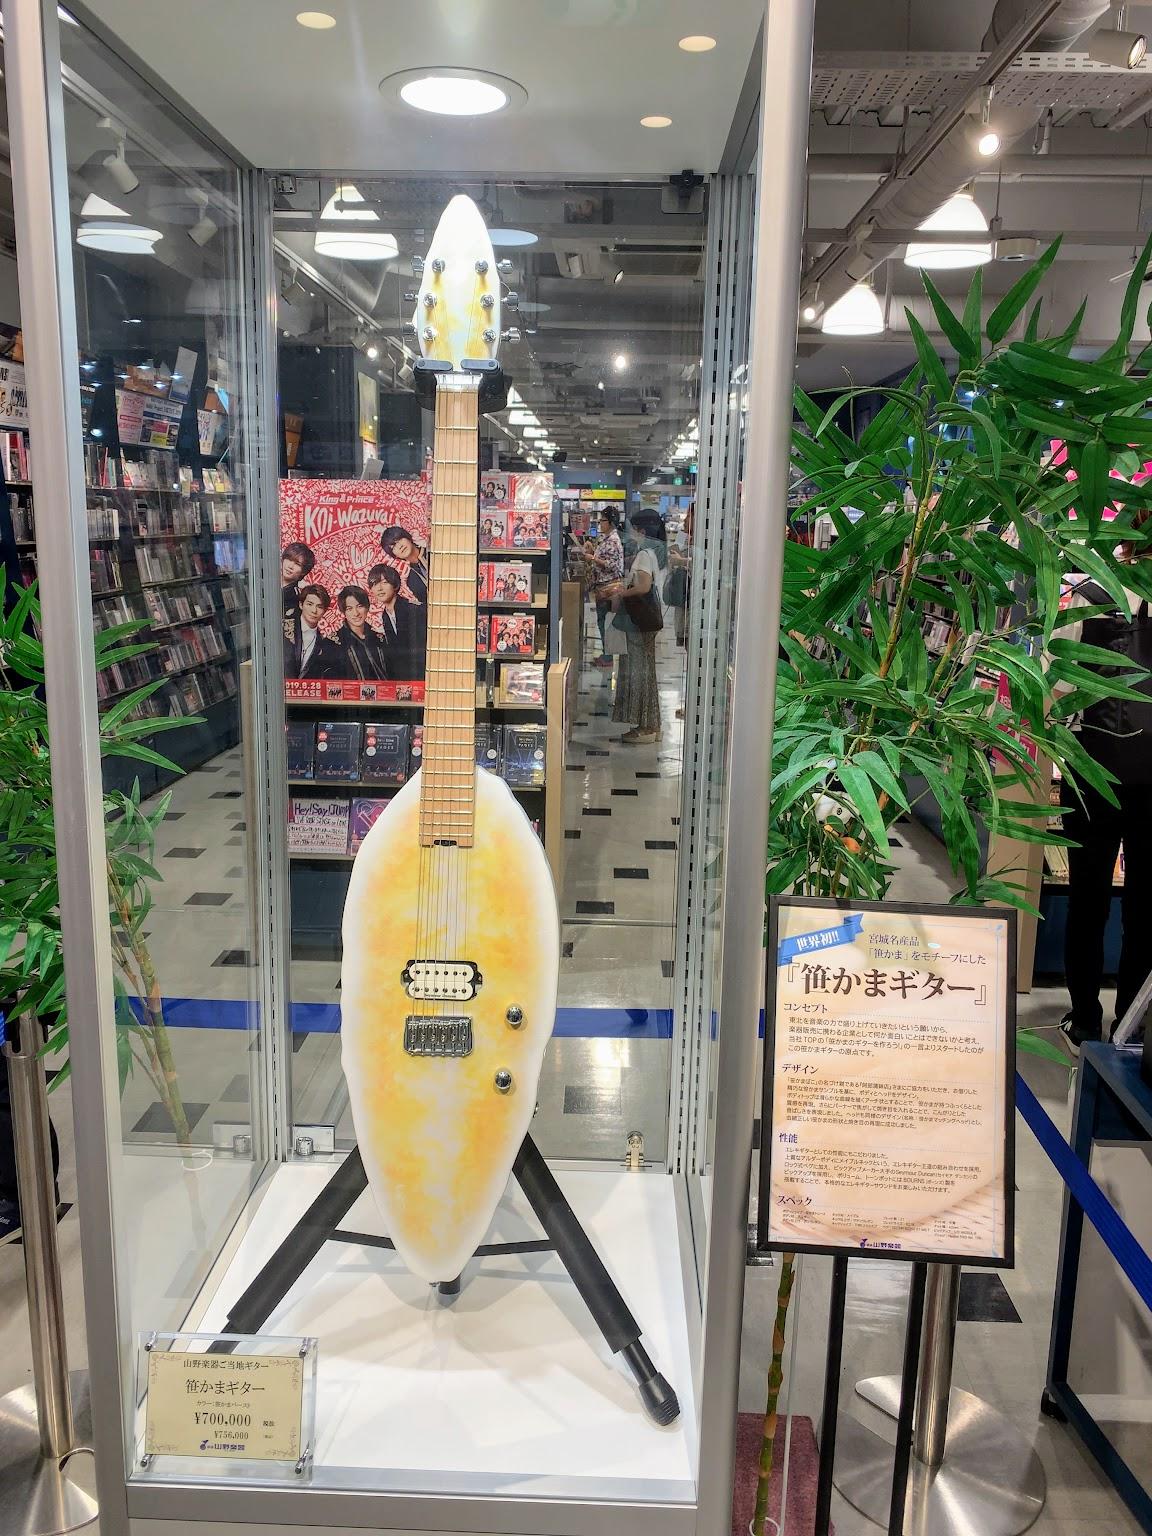 山野楽器の笹かまギター〜「地場産品+α」の発想が素敵!